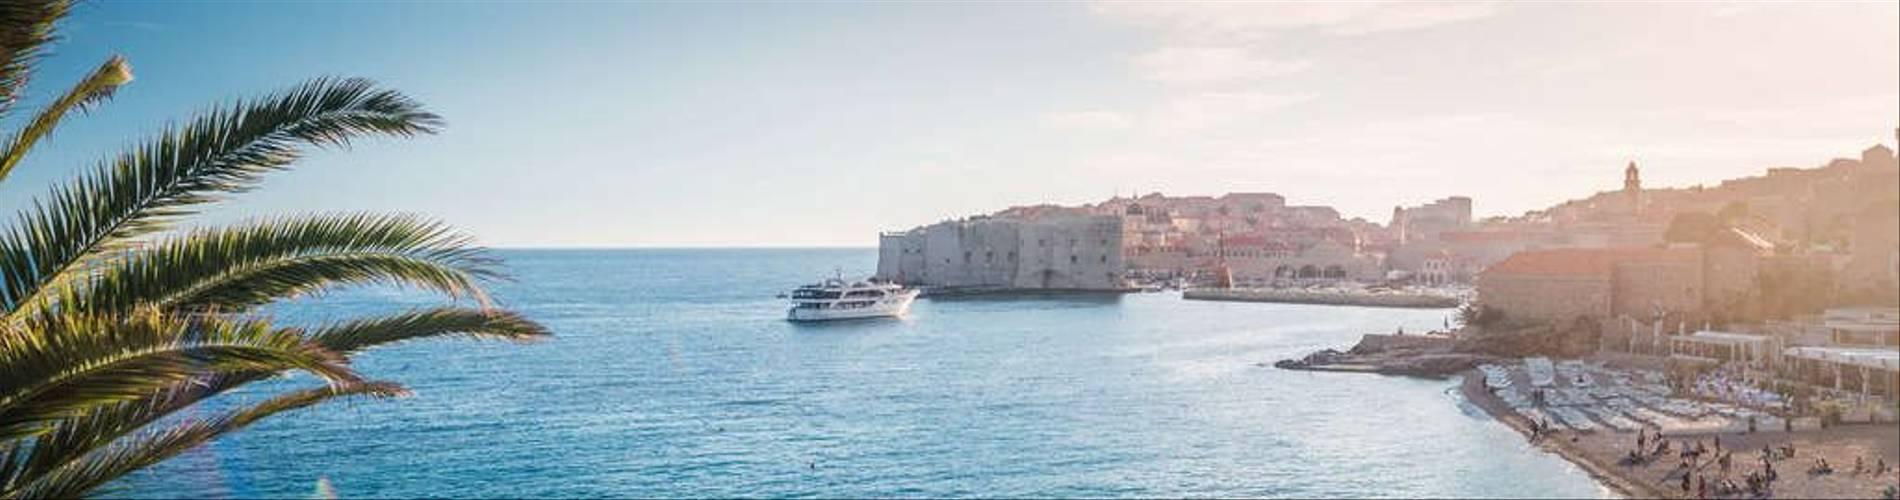 croatia cruise pg34.jpg